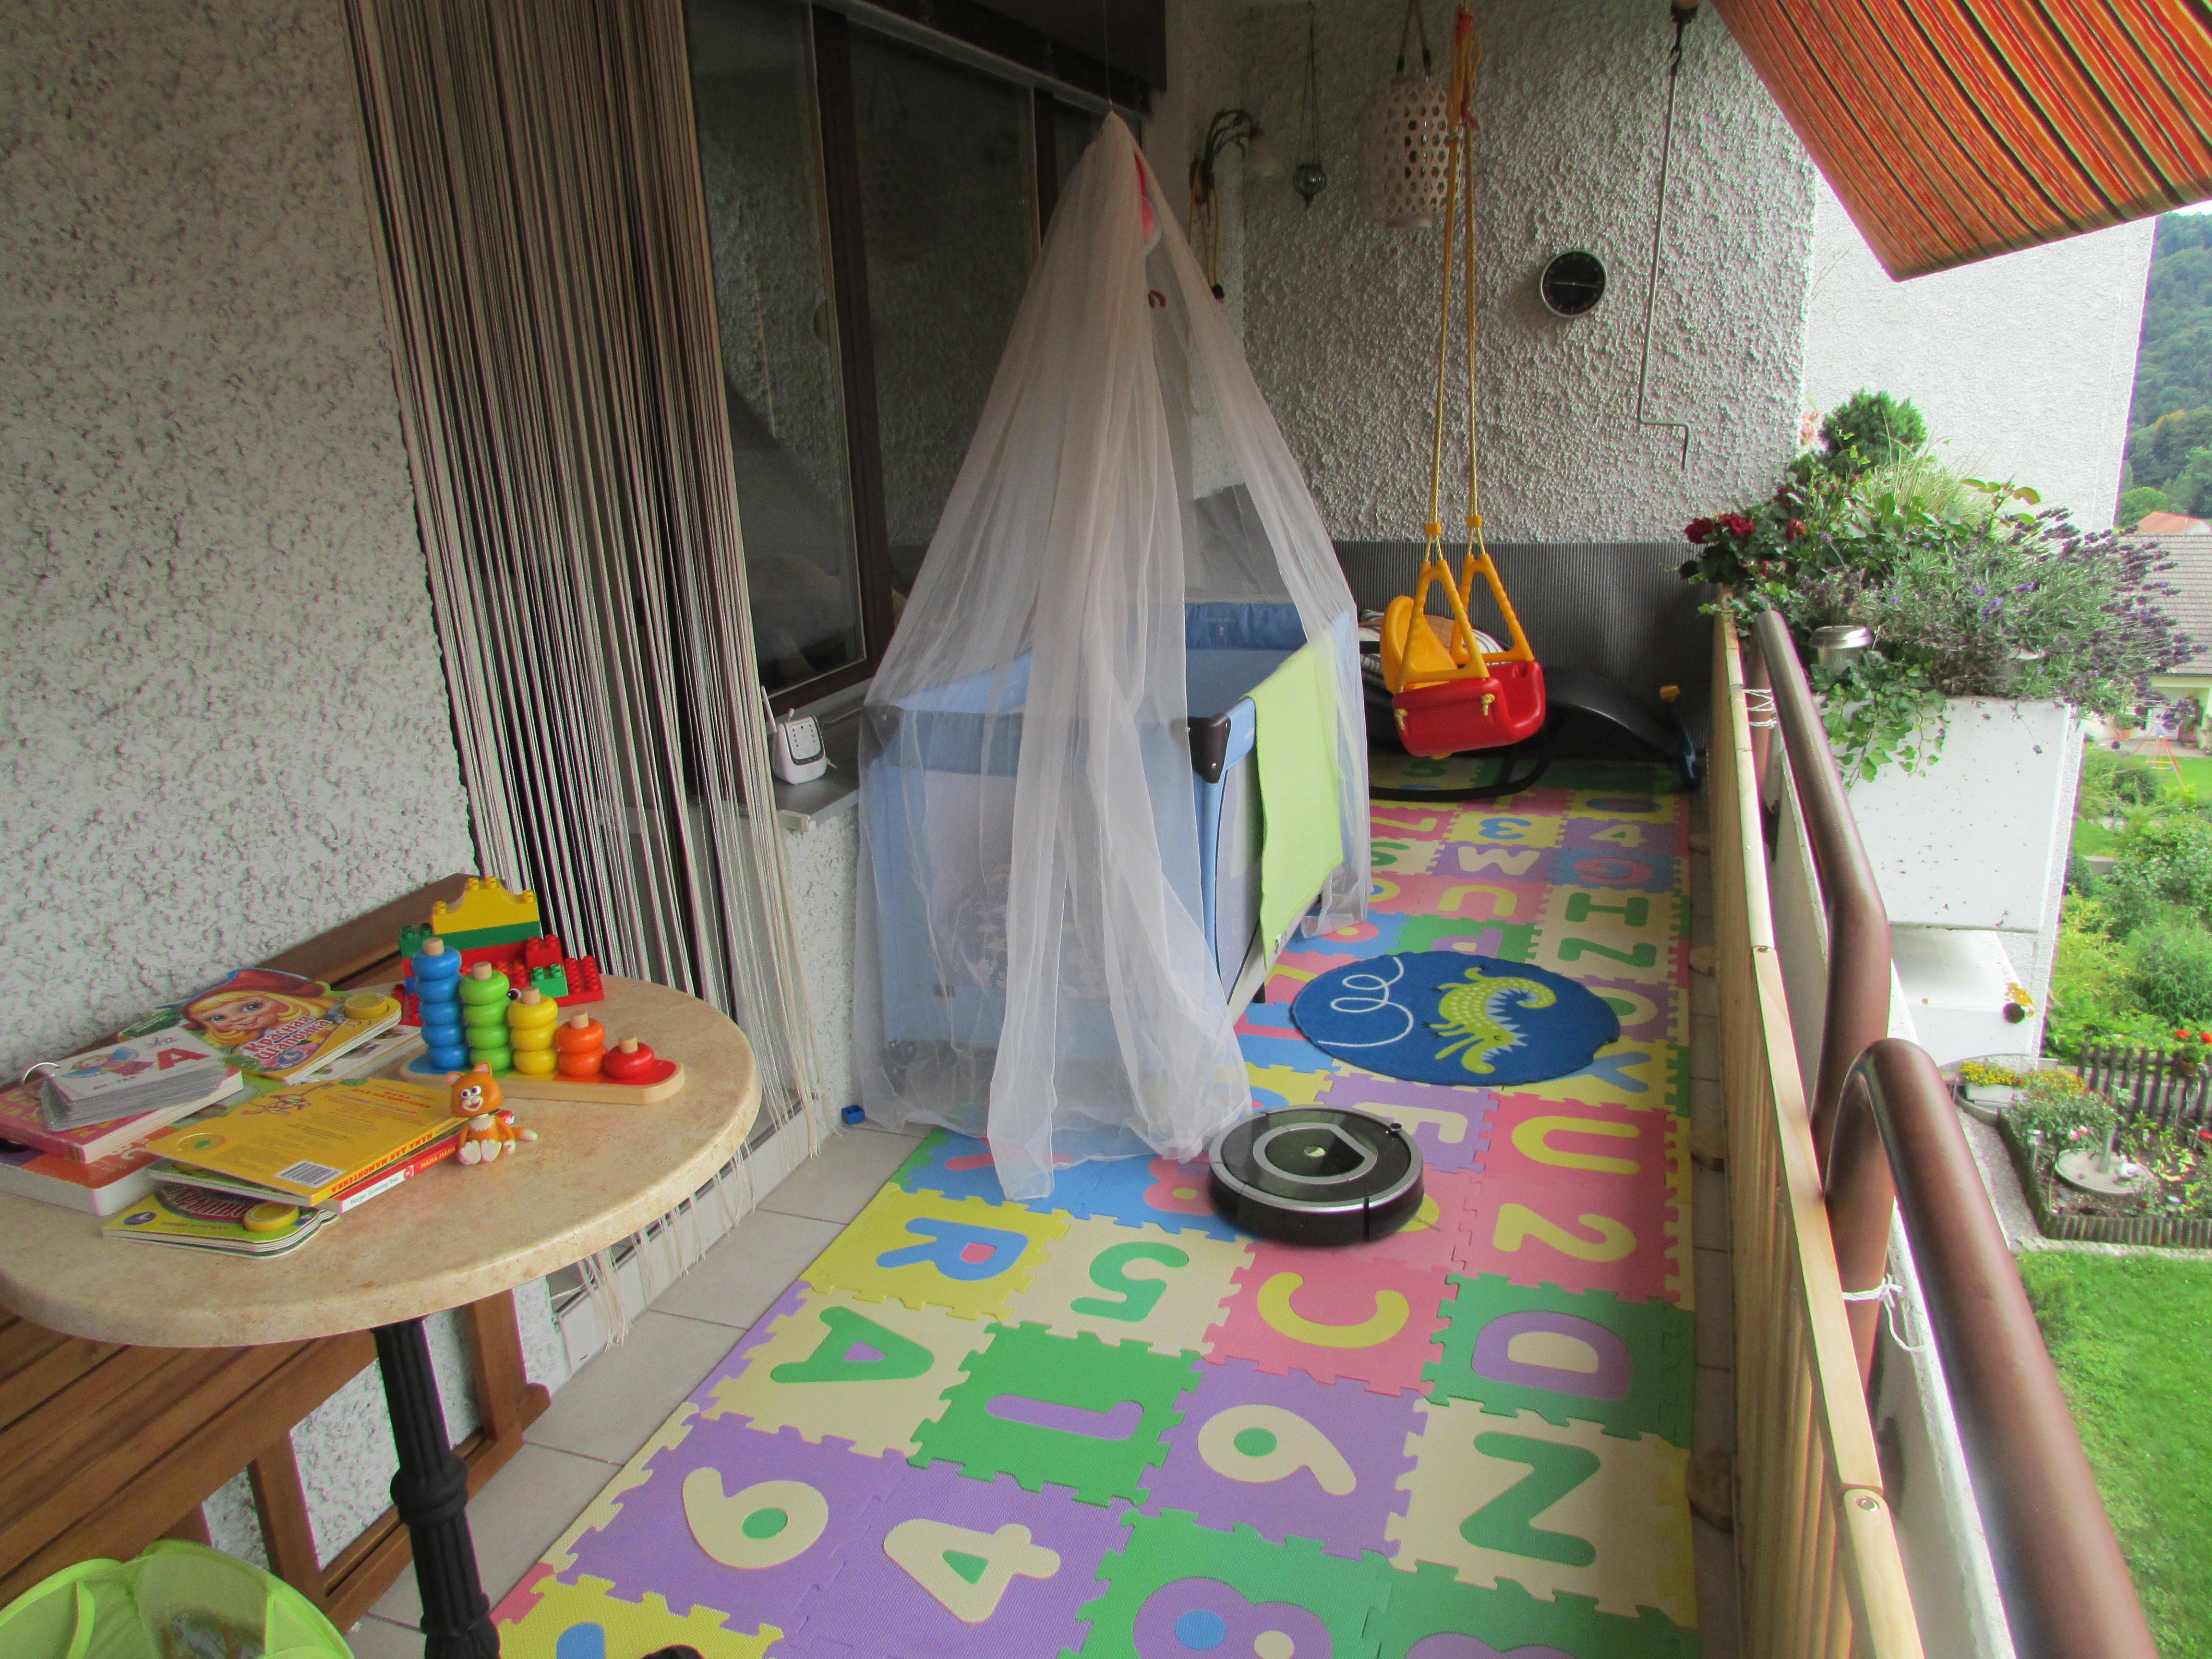 Интерьер детской игровой комнаты на балконе - фото.